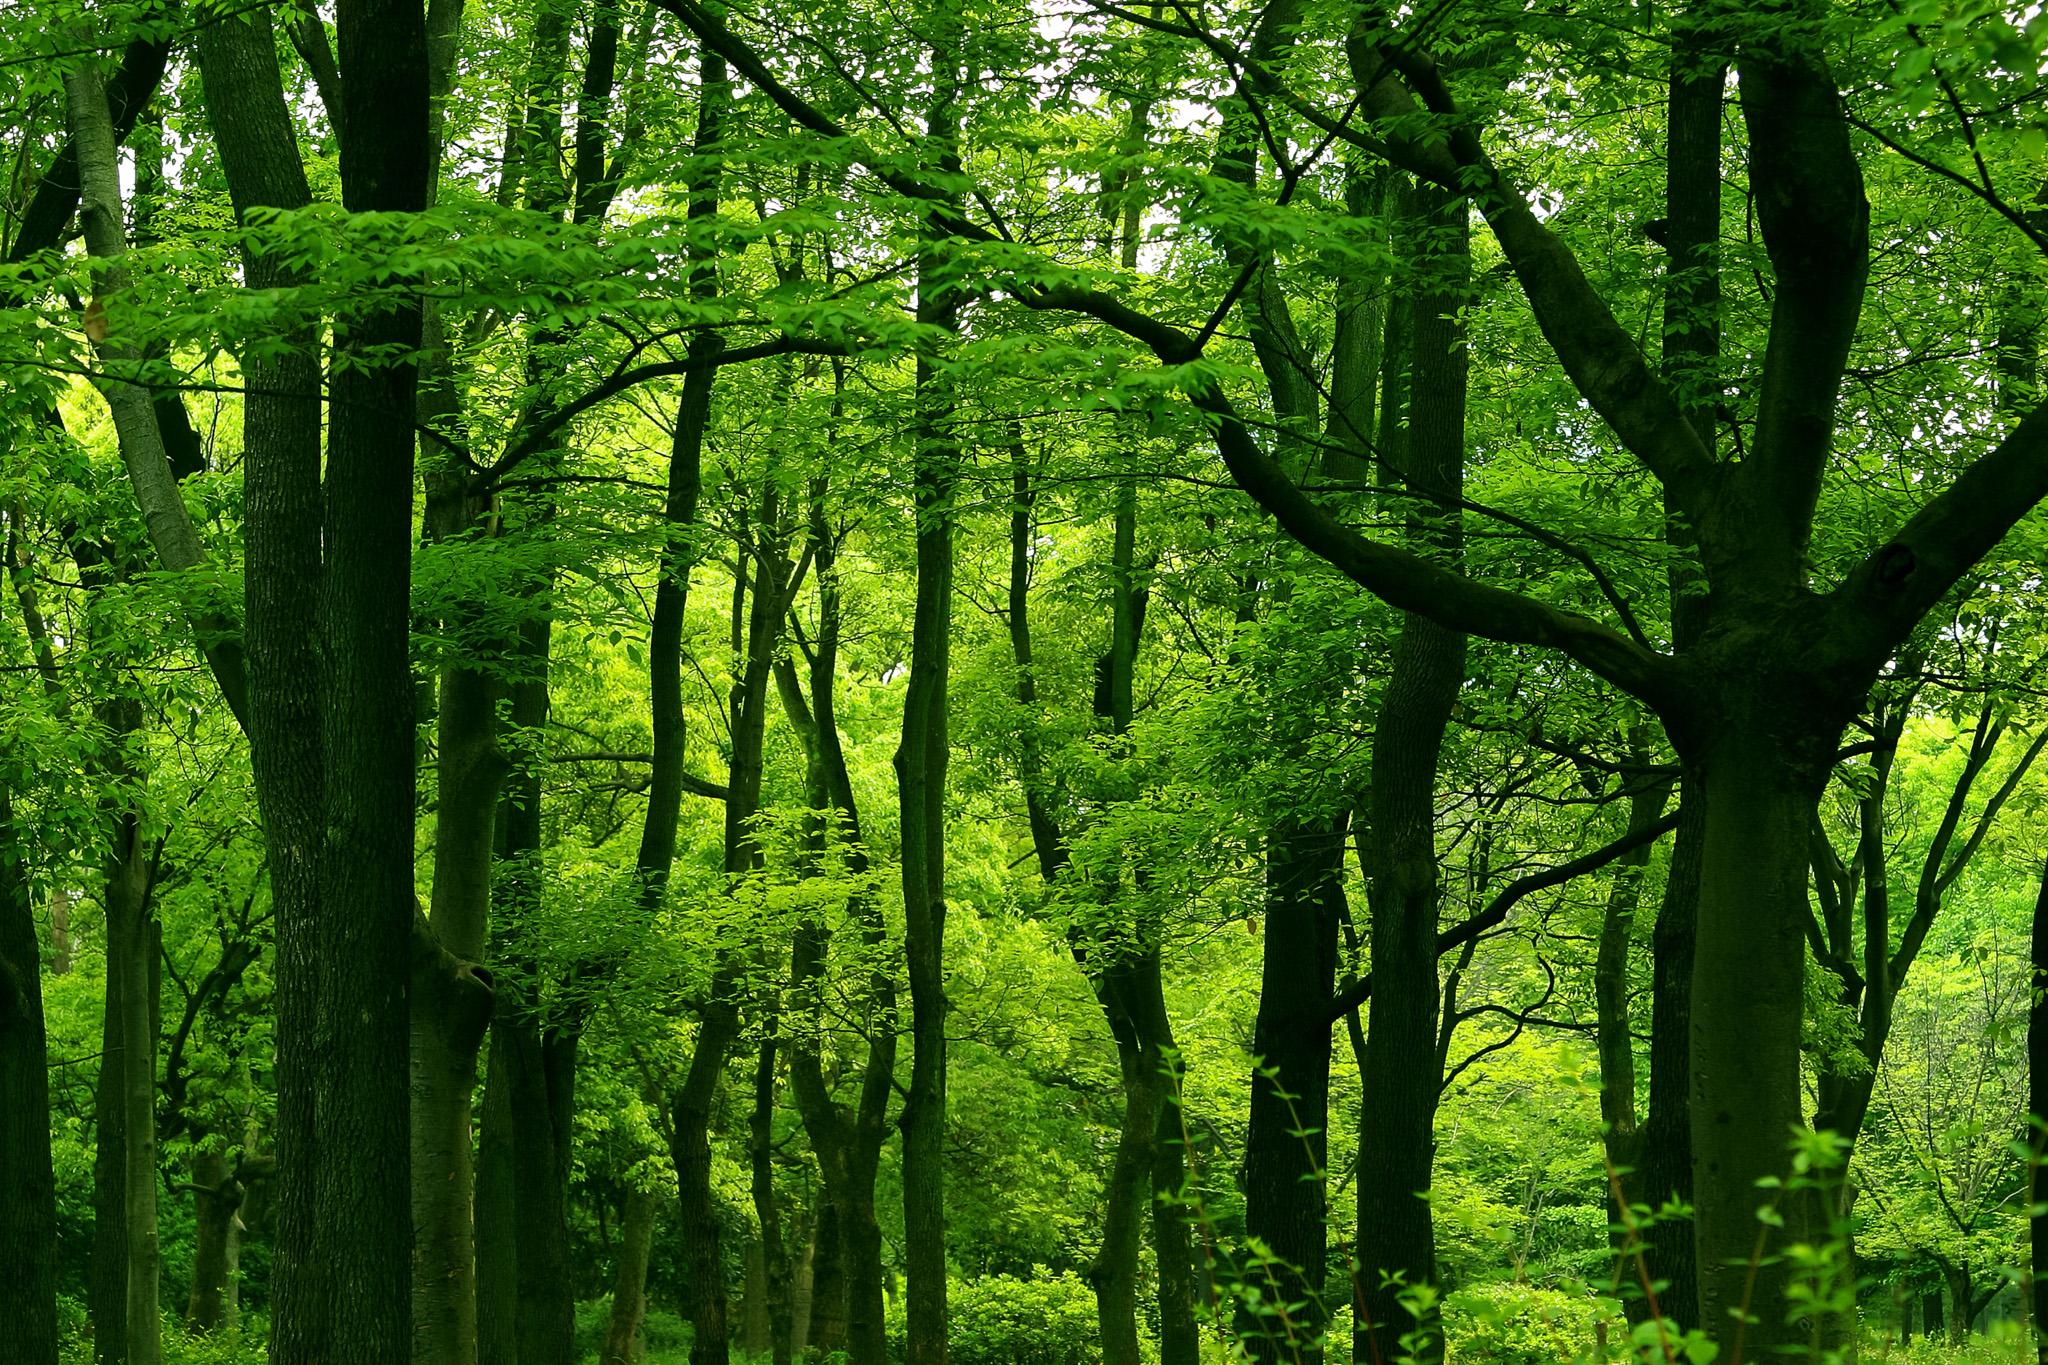 光浴びる鮮やかな緑と幹のコントラスト